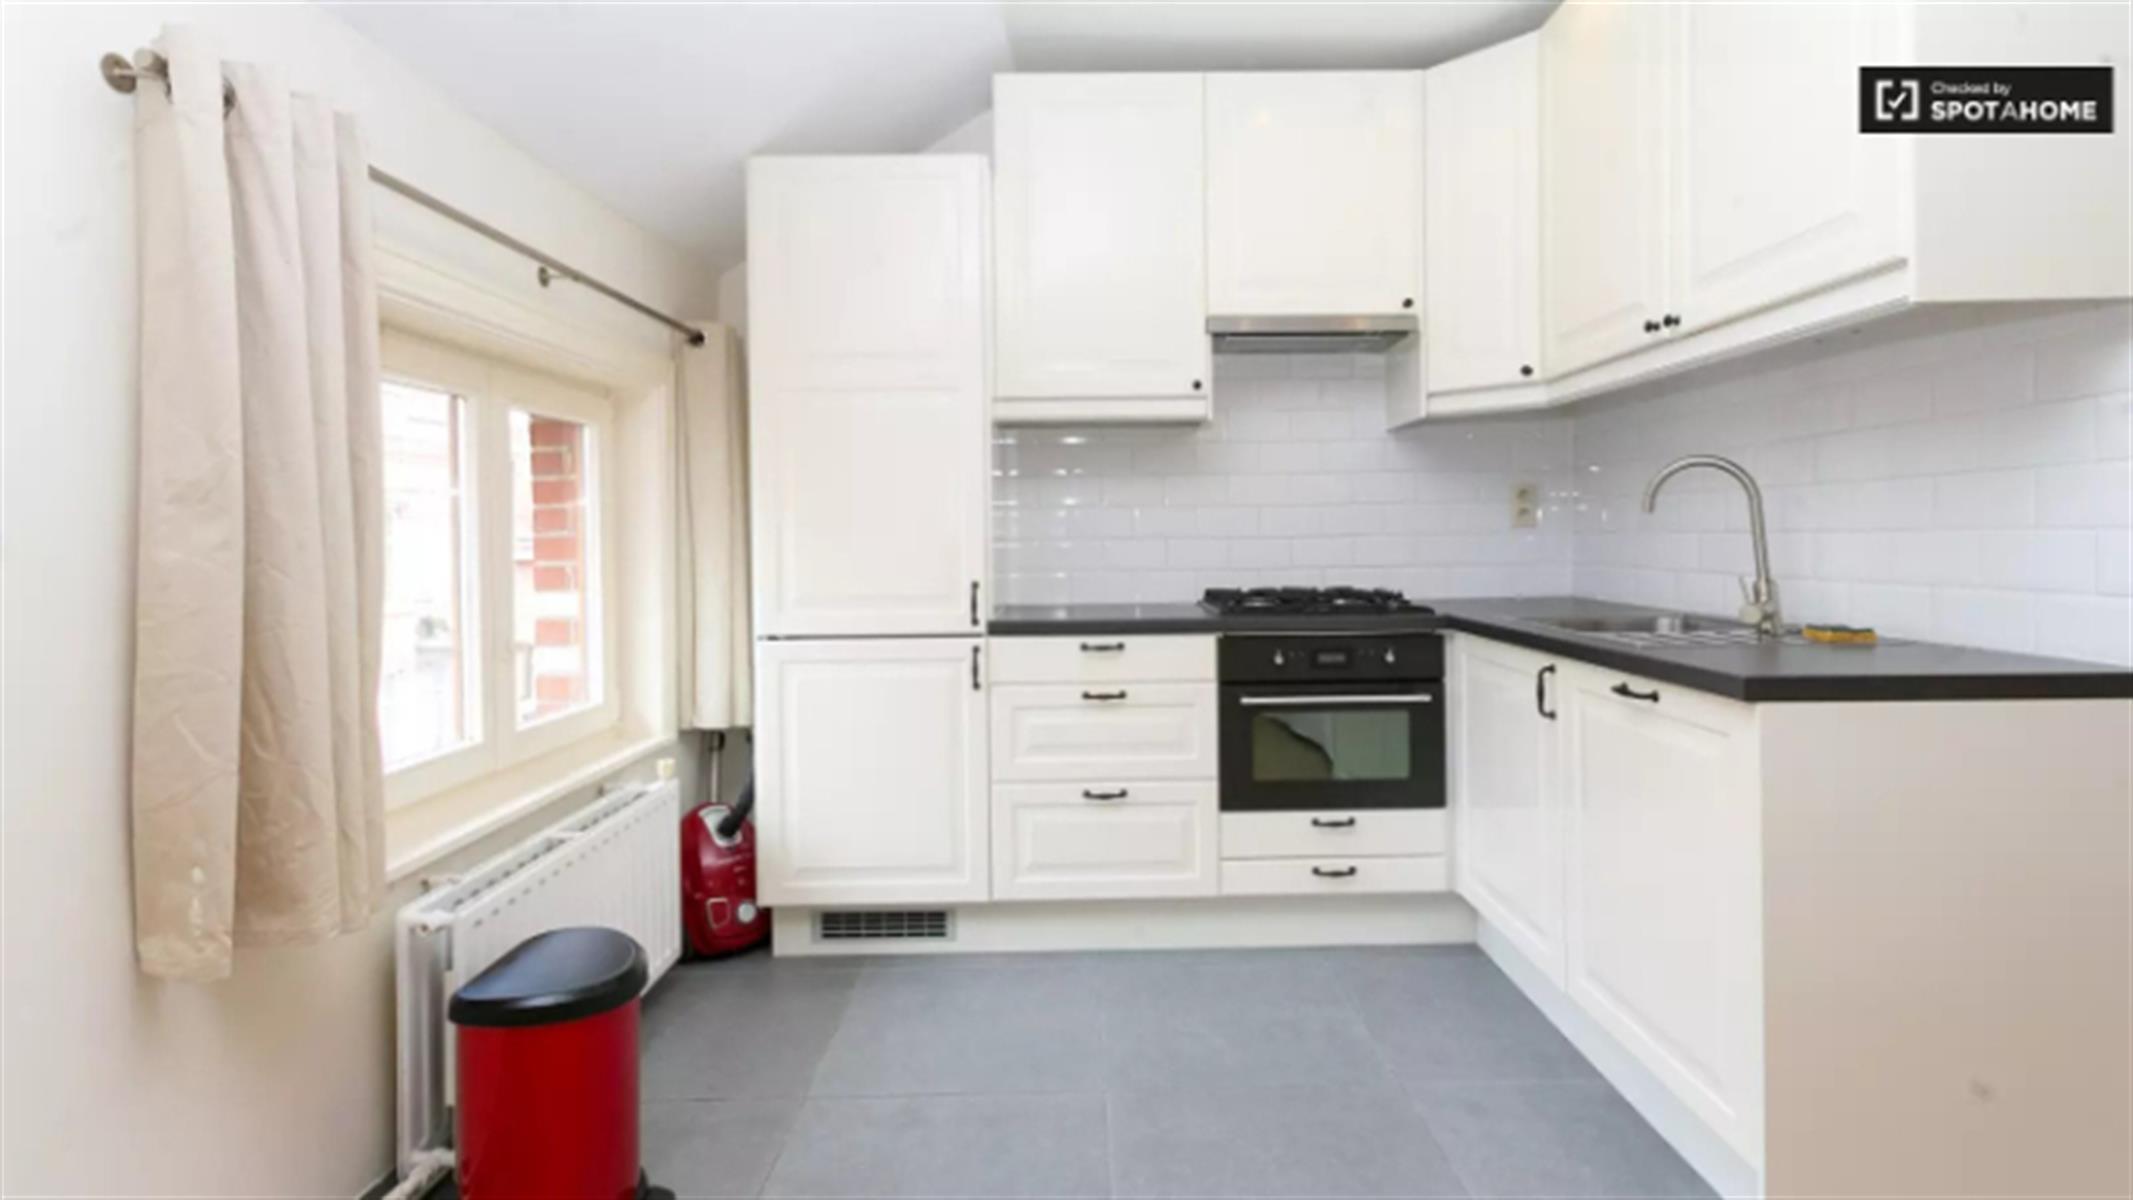 Appartement - Ixelles - #4150592-4